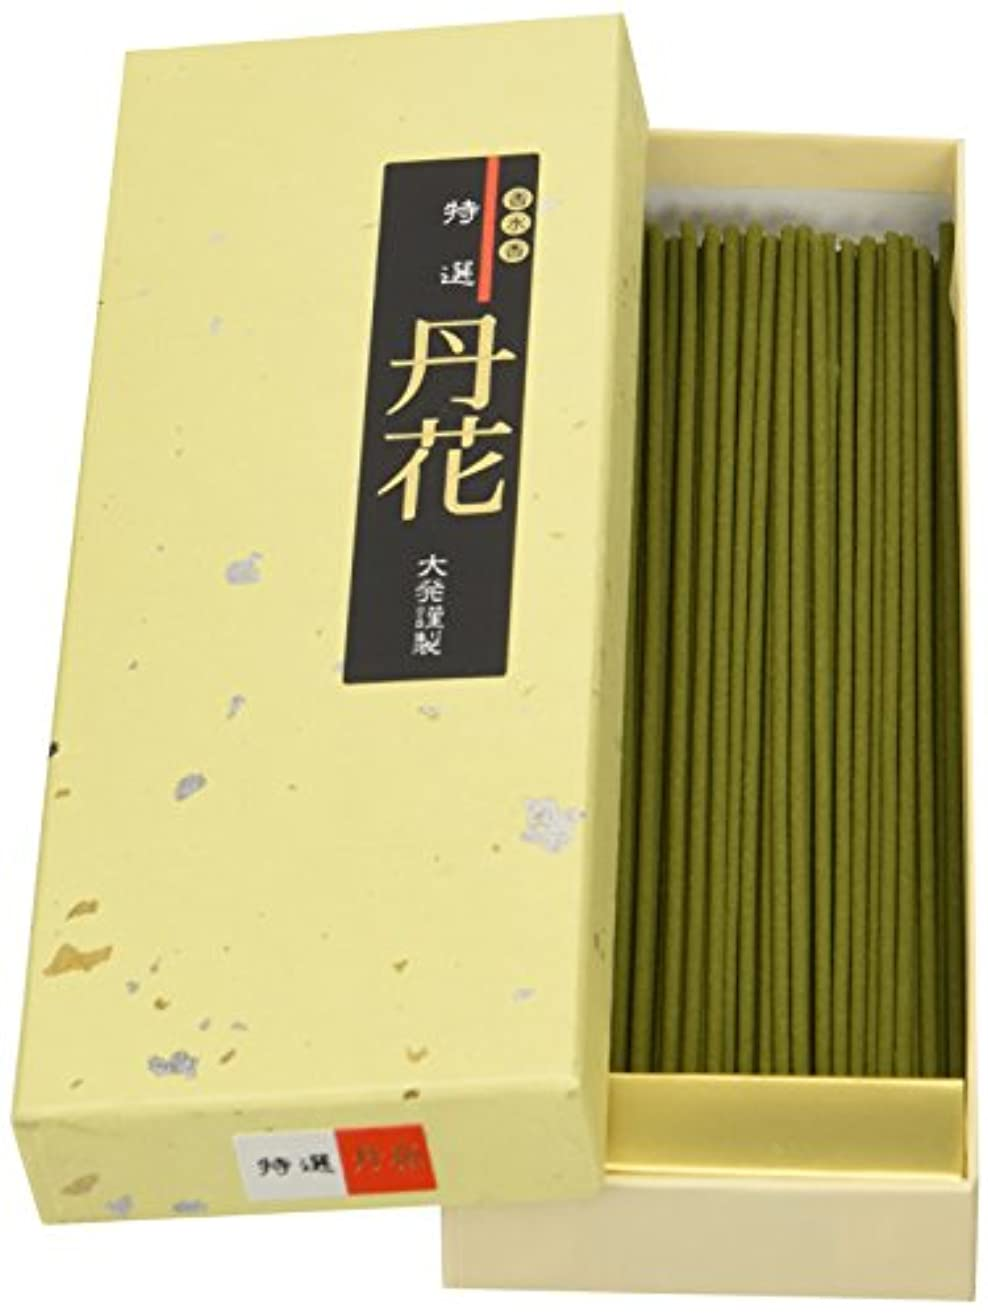 物理蒸発フィルタ大発のお香 特選丹花(ベージュ箱) TG-1